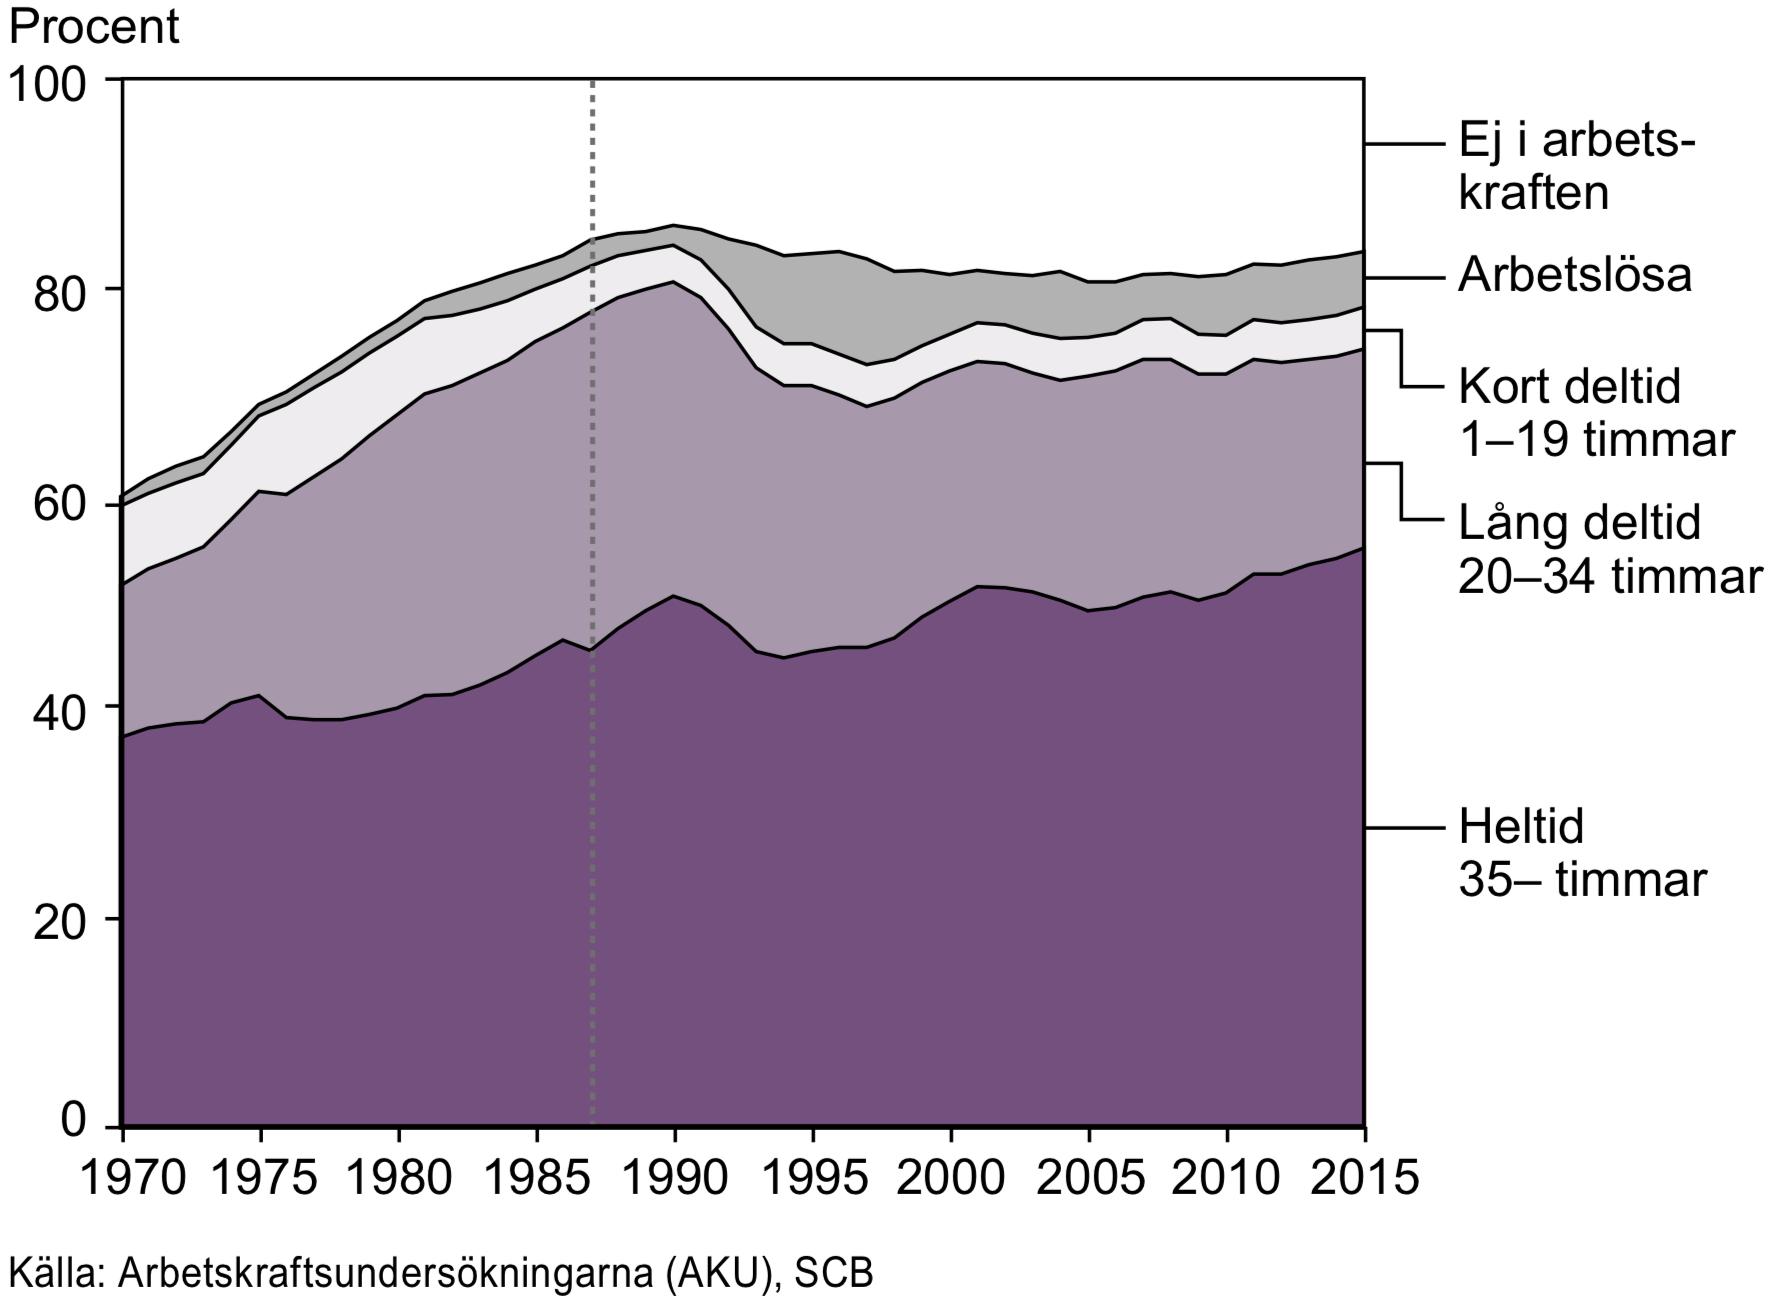 Kvinnor i åldern 20–64 år efter arbetskraftstillhörighet och vanligen arbetad tid 1970–2015